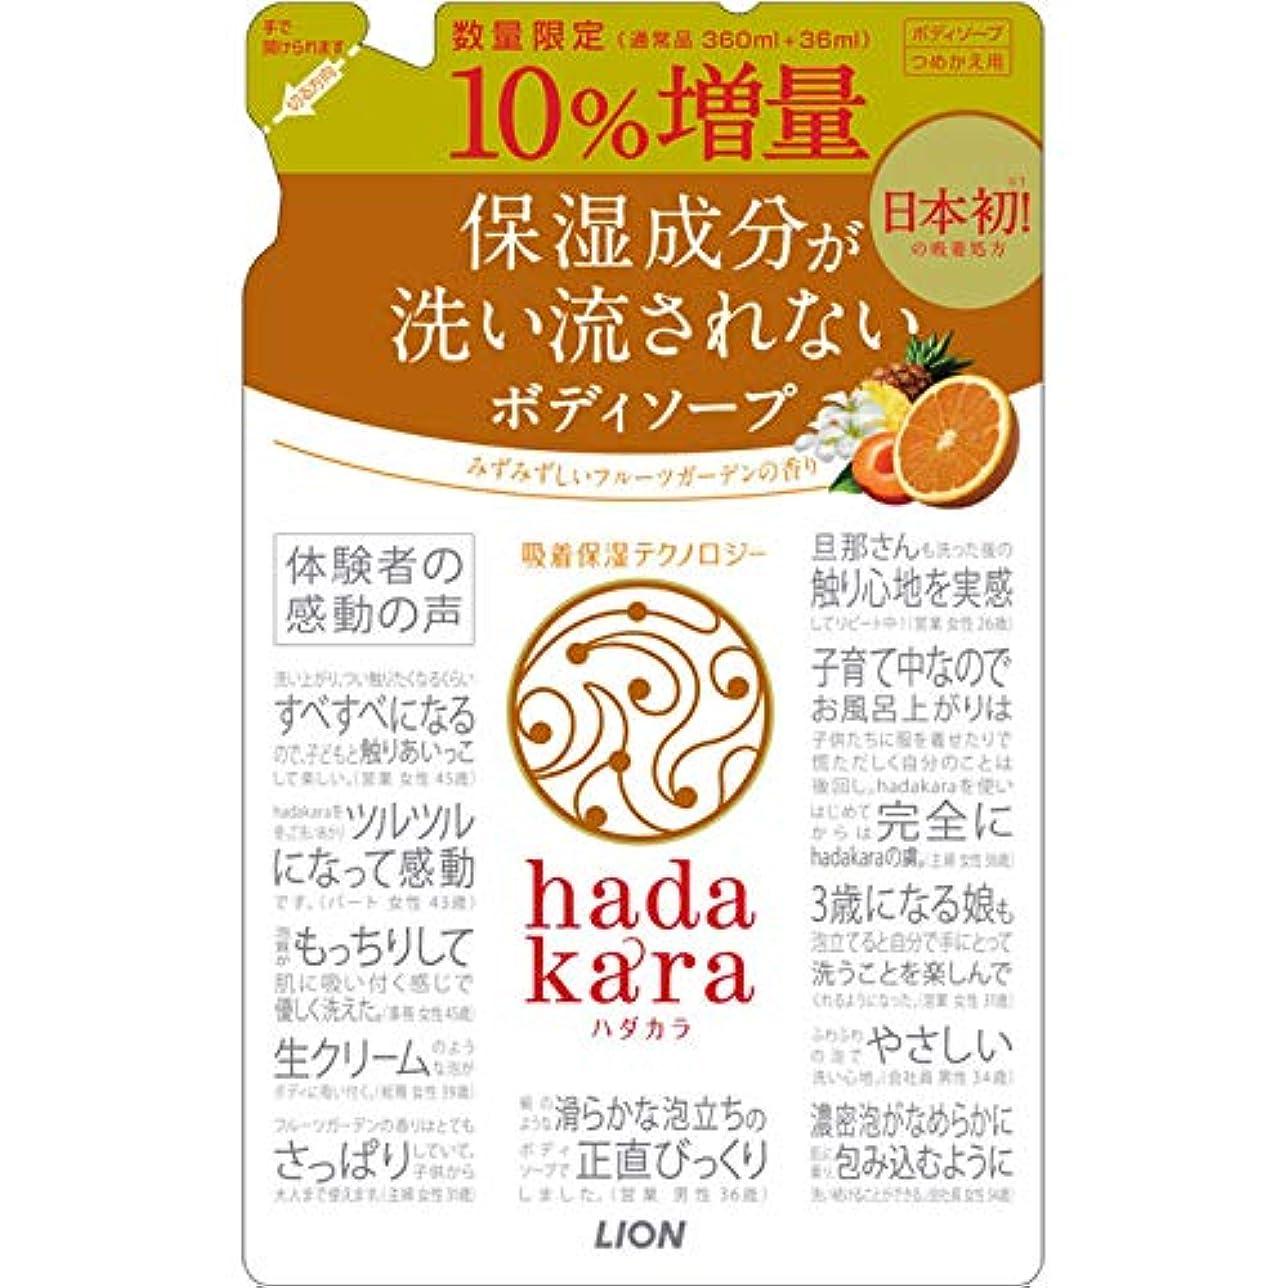 説明退院通常【数量限定】hadakara(ハダカラ) ボディソープ フルーツガーデンの香り つめかえ用 10%増量 396ml